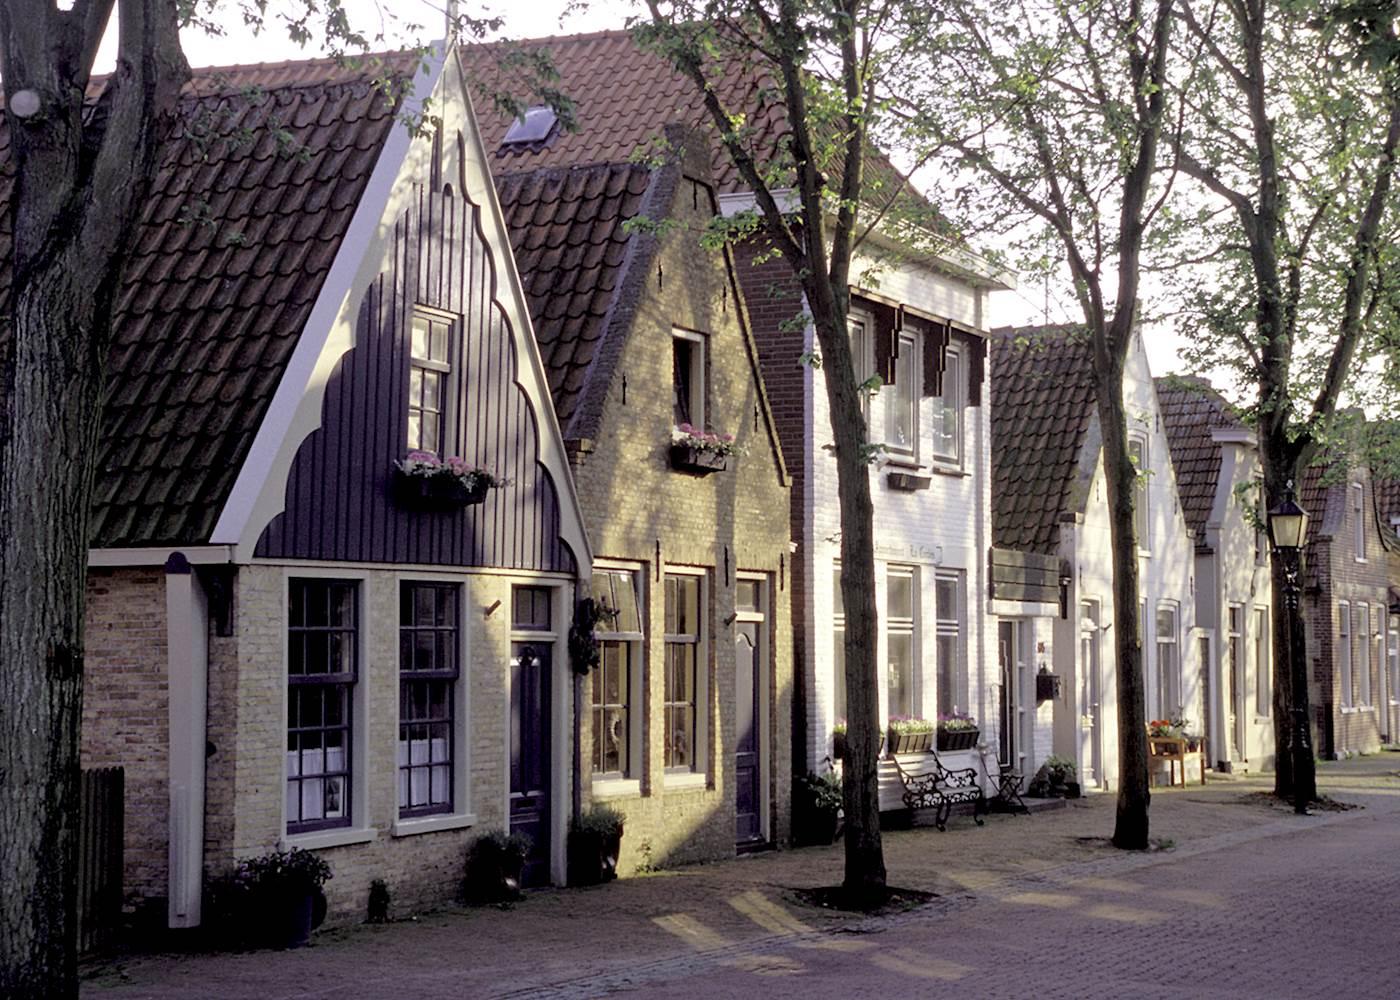 9a9ec569bff Huis kopen: 5 tips waarmee je anderen voor bent | Wegwijs.nl